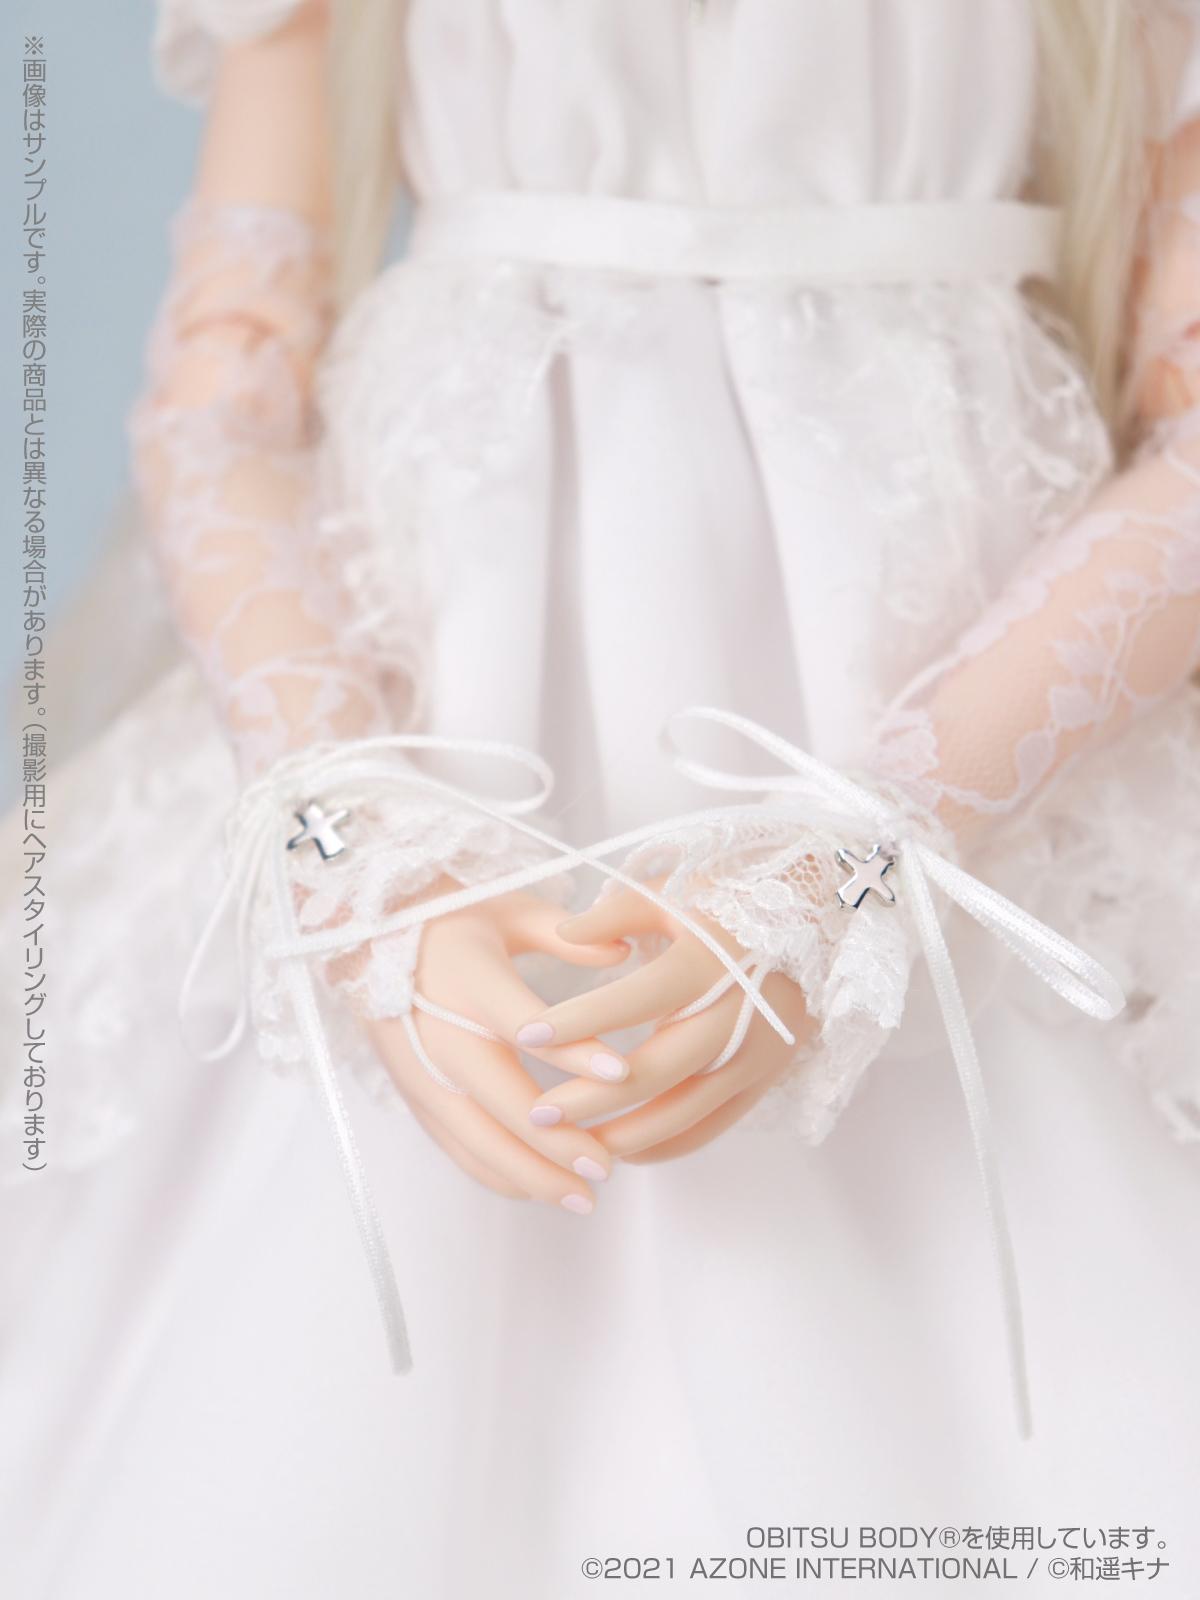 Iris Collect アイリス コレクト Kina's Fantasy Romances『ミレーネ ~ルミランジュ家の天使~』1/3 完成品ドール-011